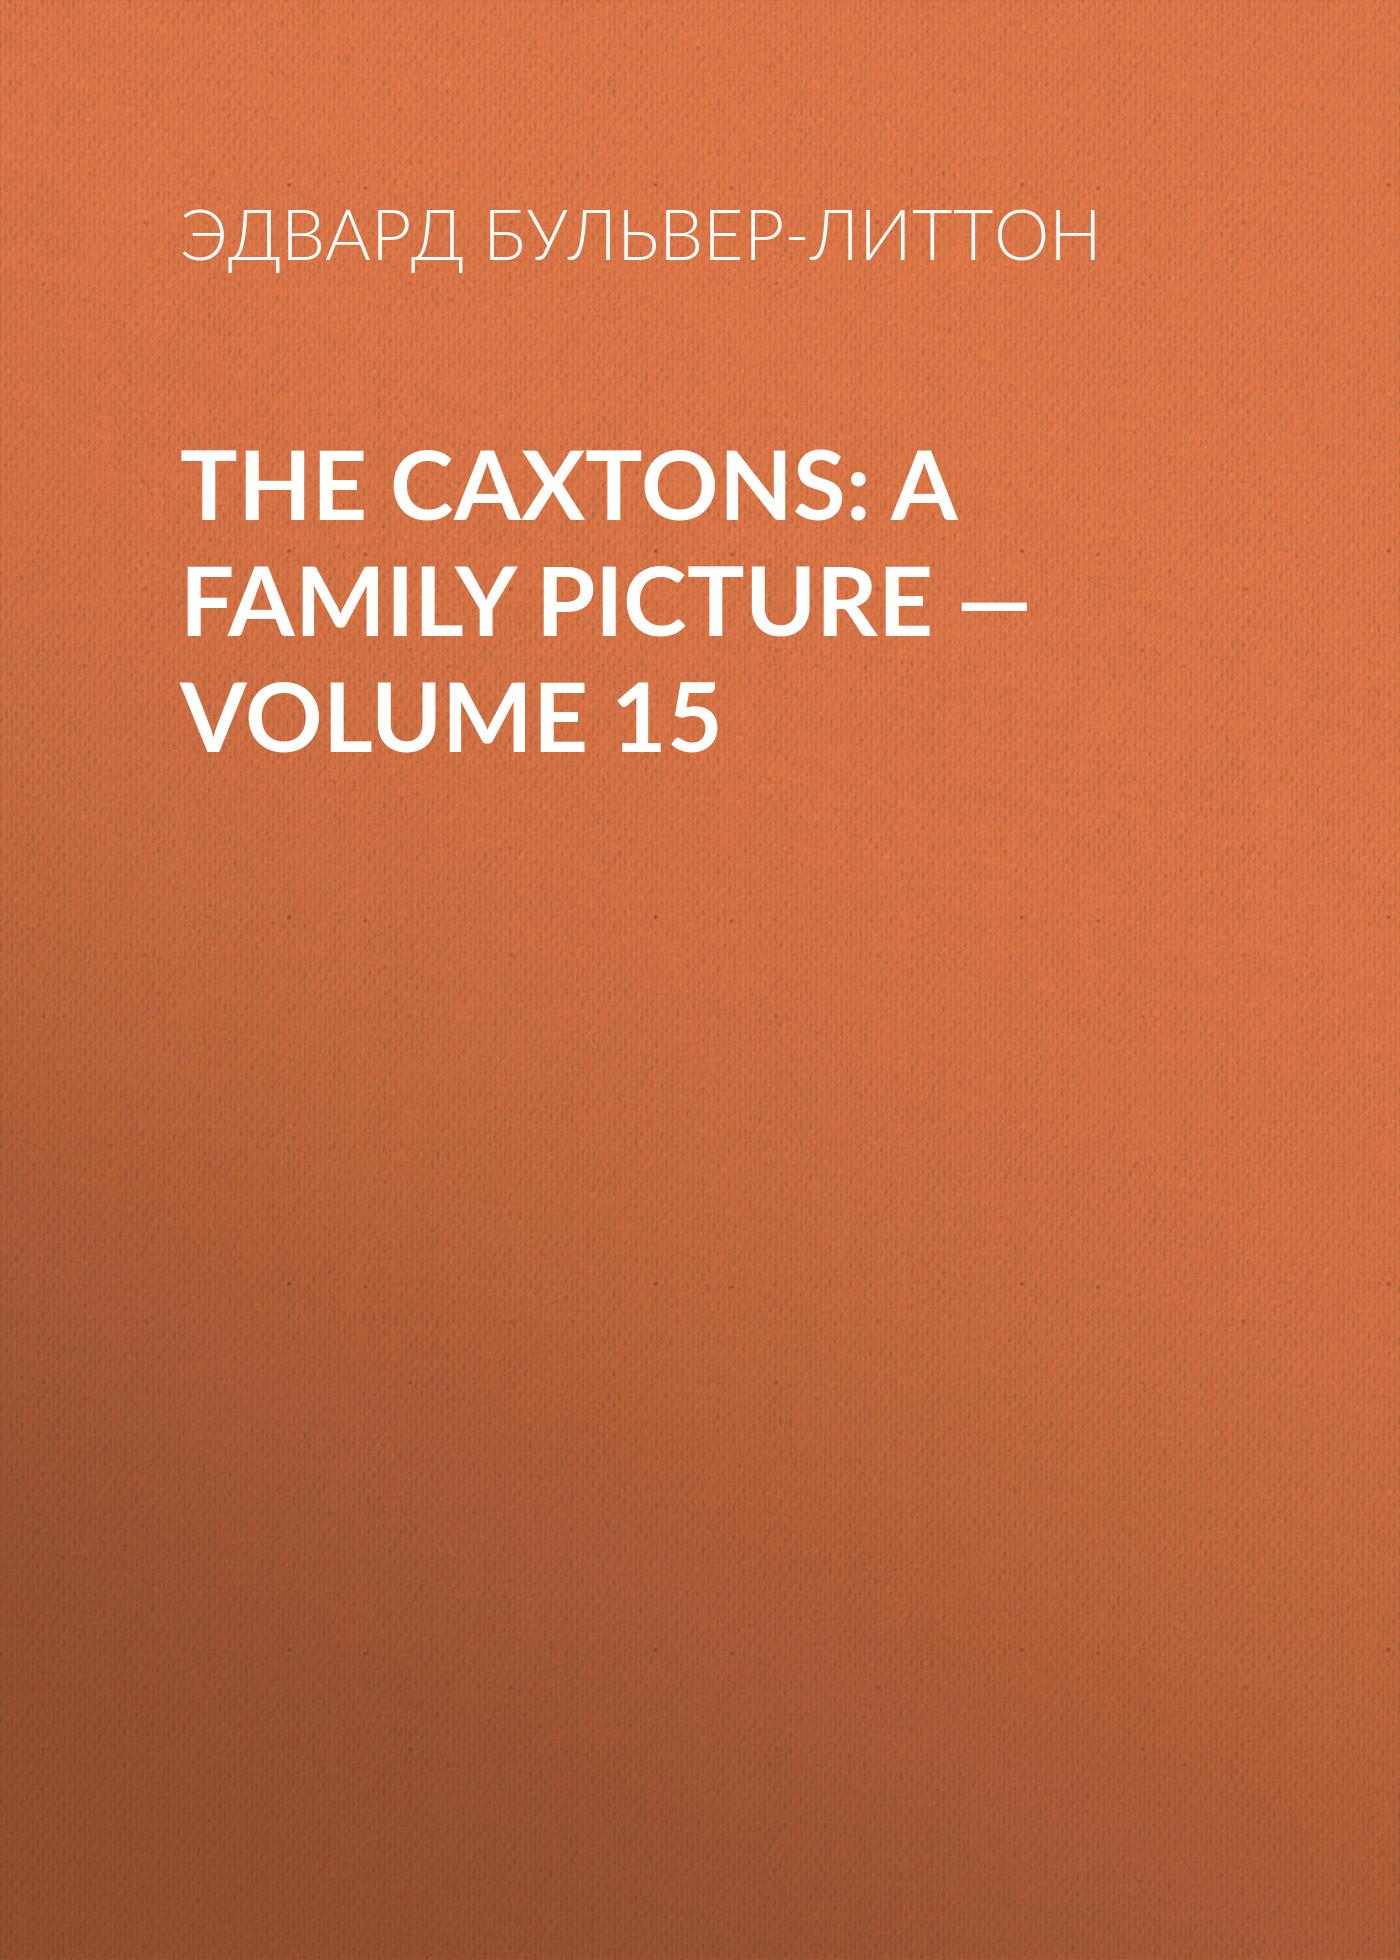 Эдвард Бульвер-Литтон The Caxtons: A Family Picture — Volume 15 эдвард бульвер литтон the caxtons a family picture volume 03